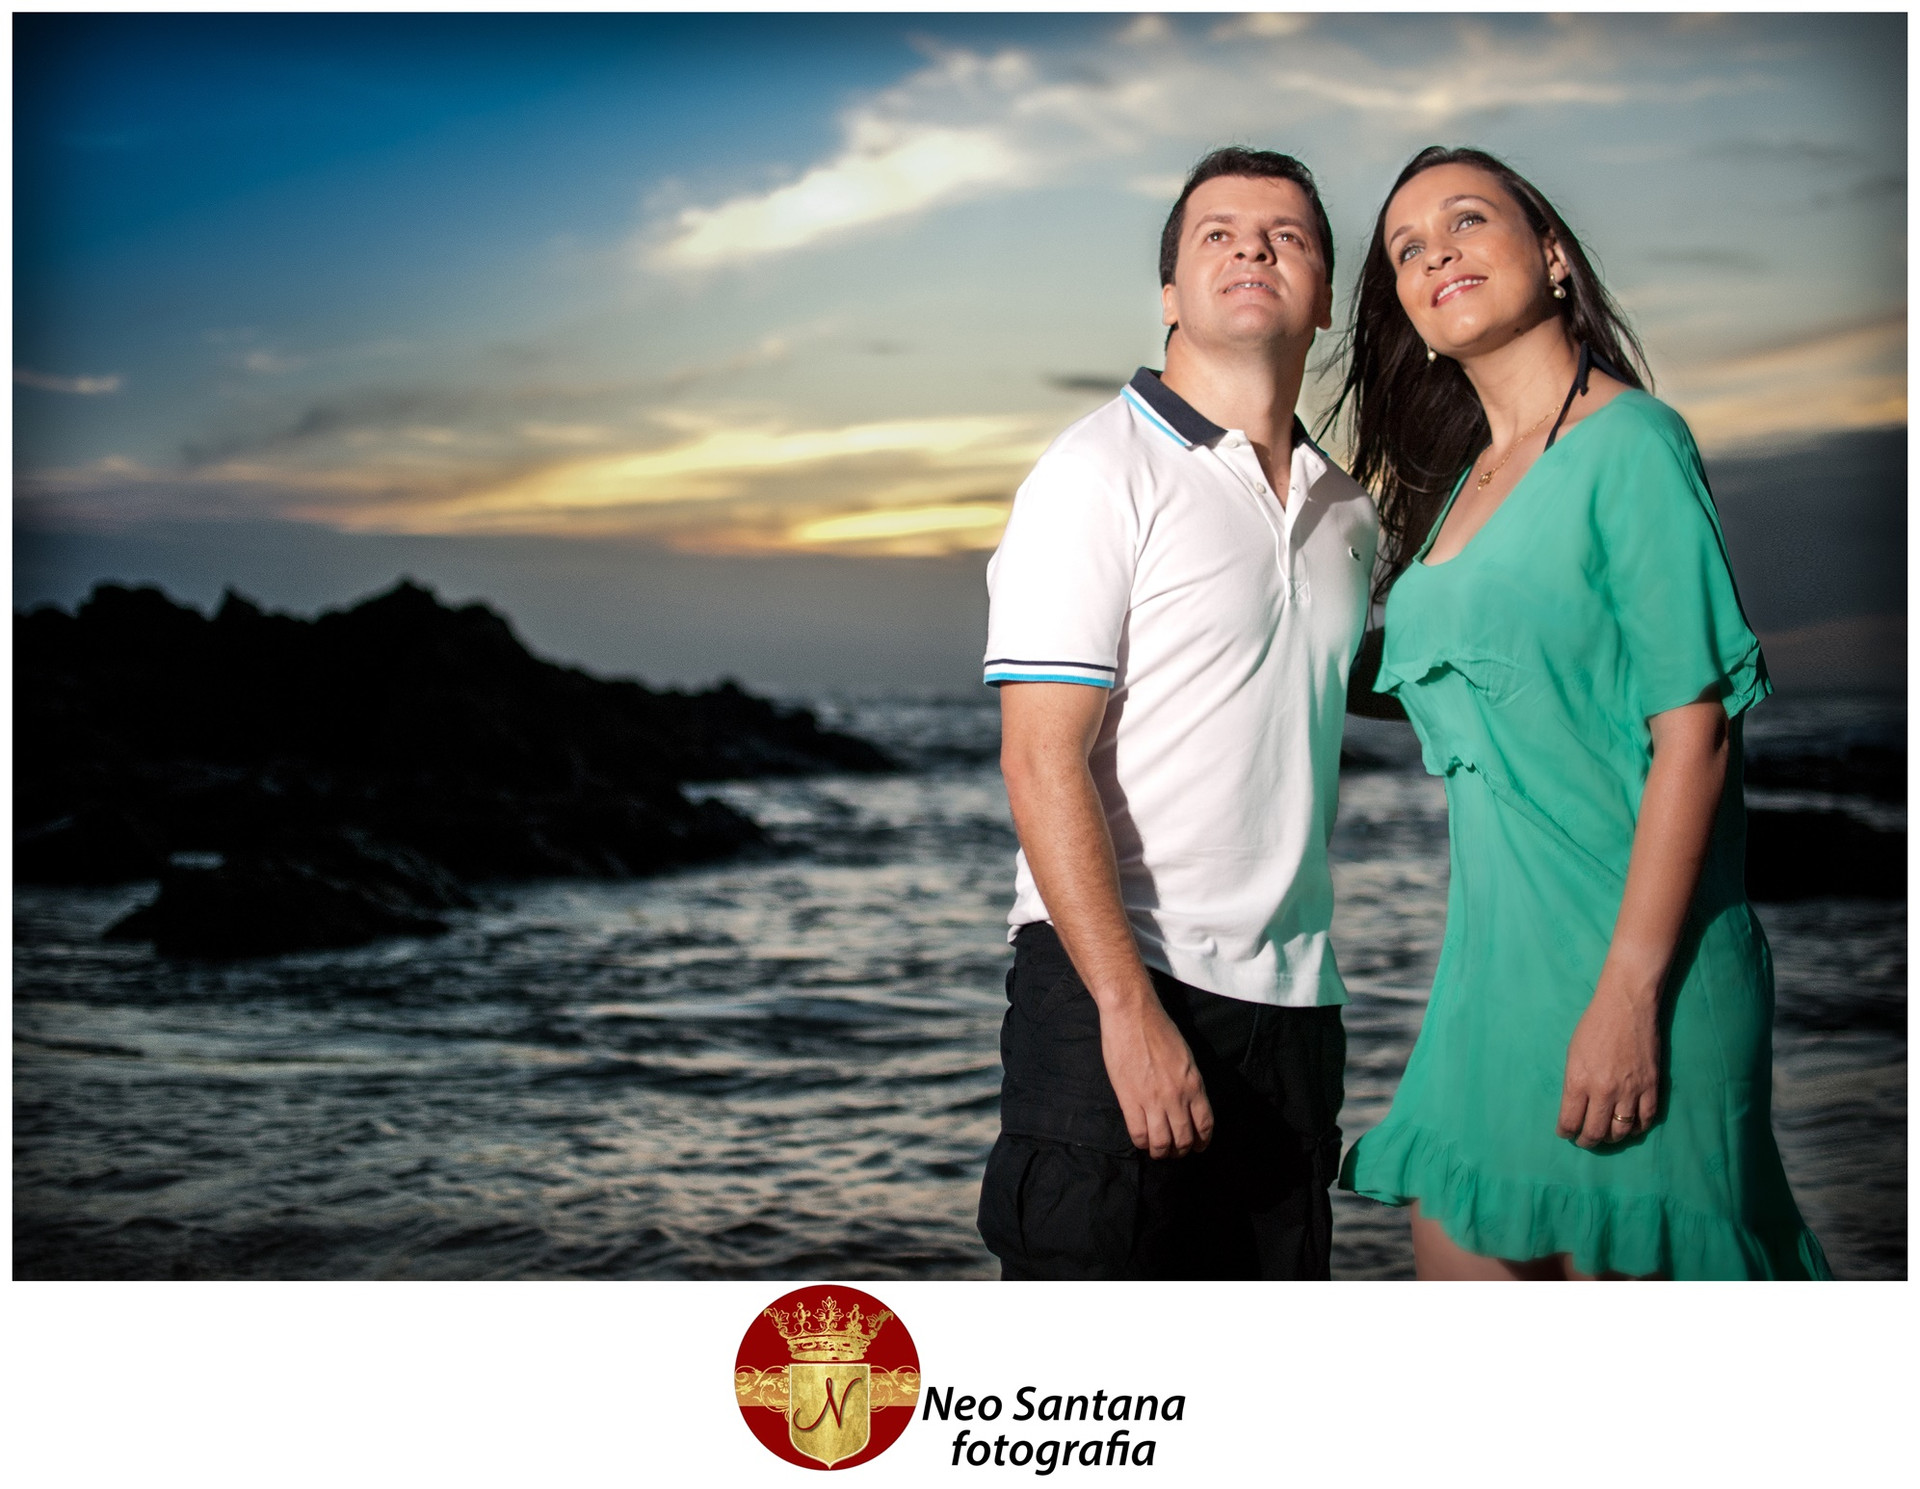 Fotos do Casal Ozilanda e Nau